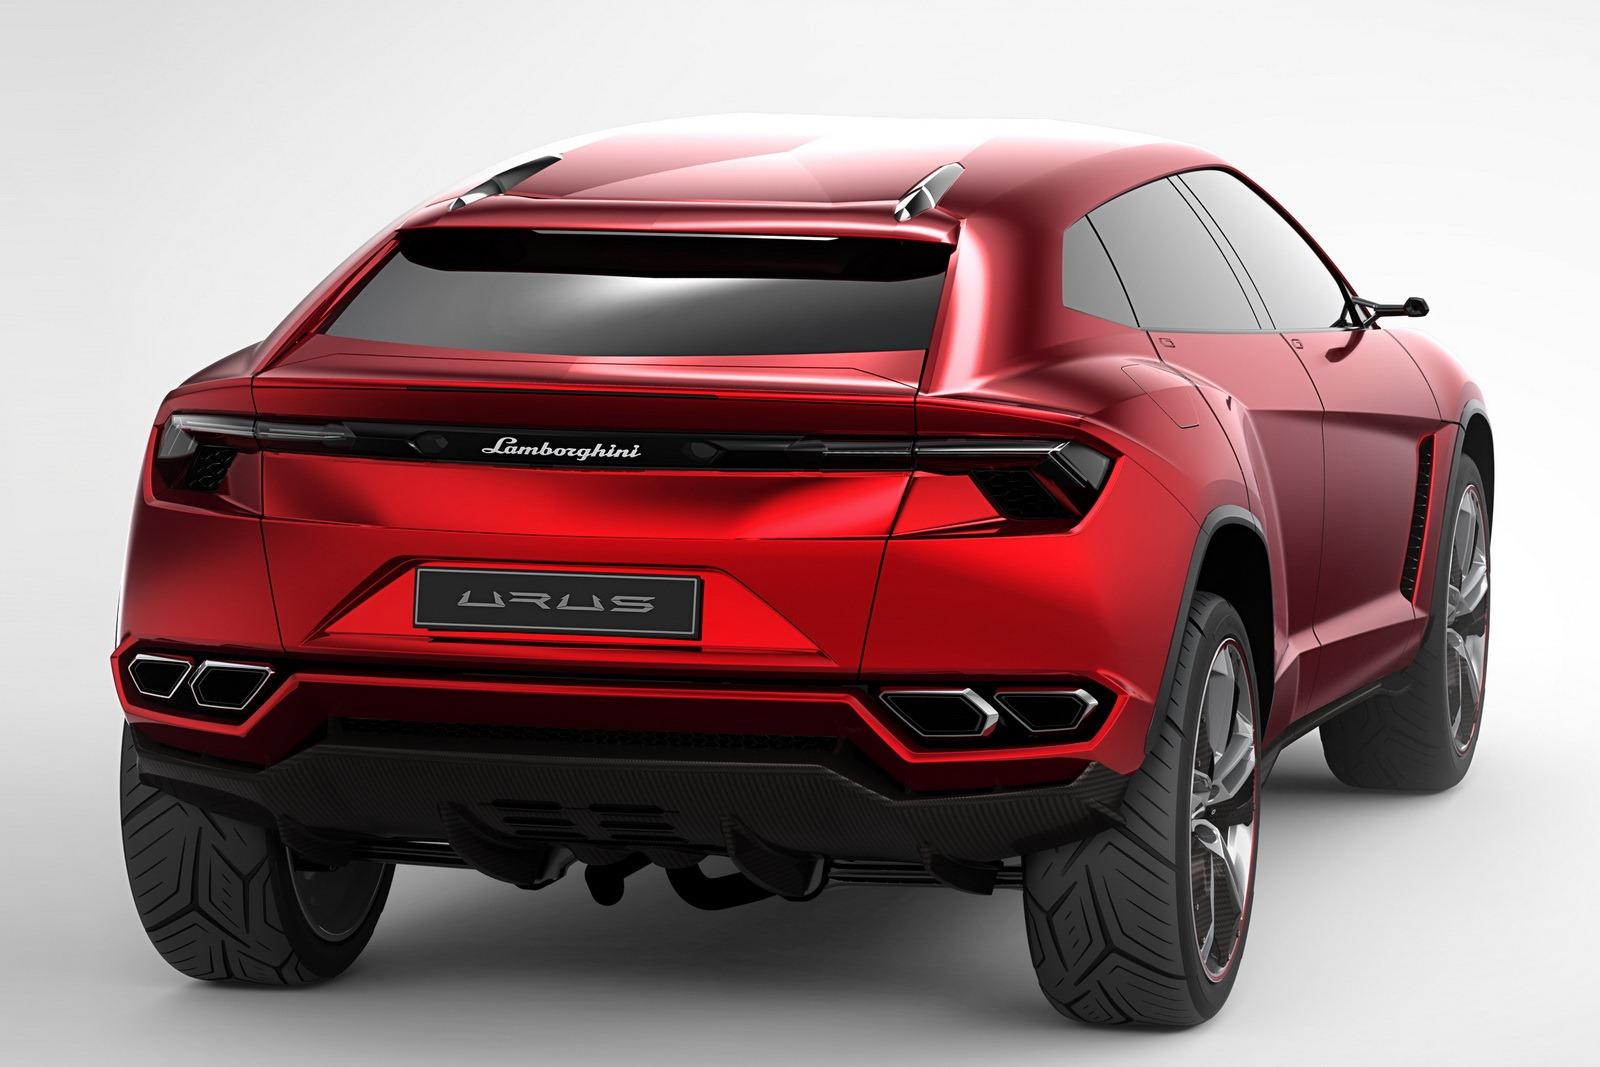 EVORA 2016 - Pagina 3 Lamborghini-urus-concept-is-born-photo-gallery-video_3